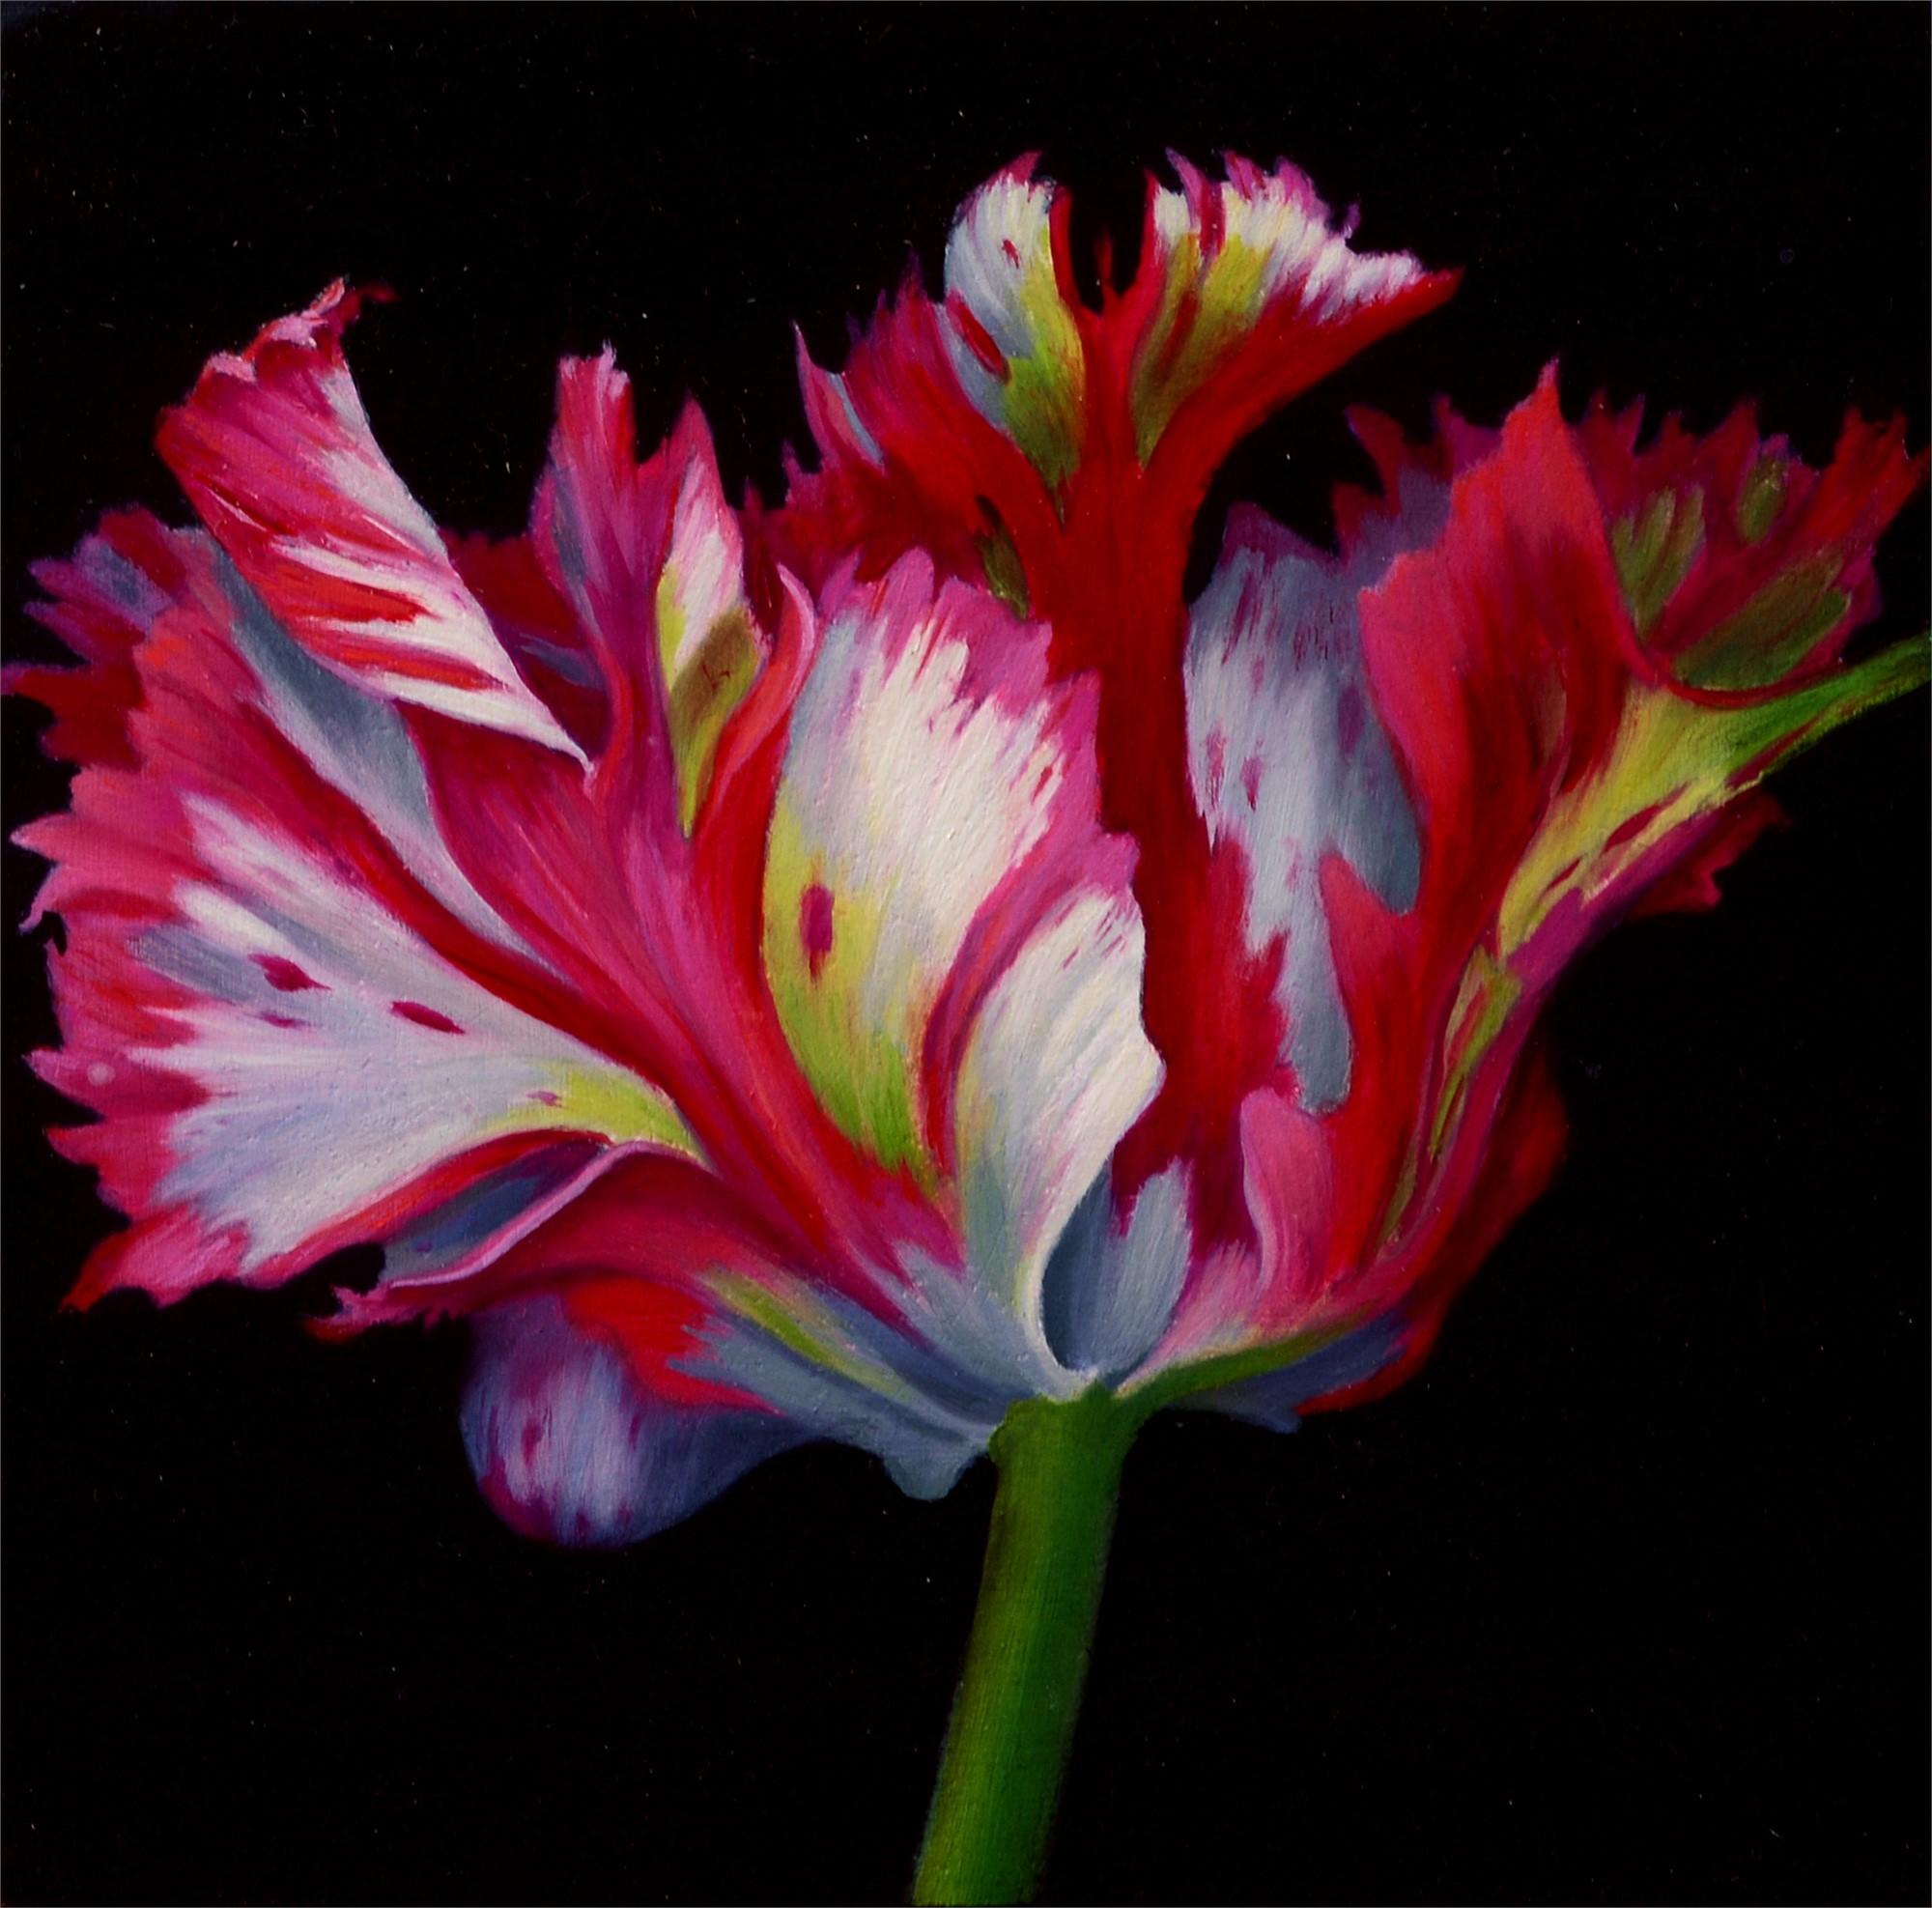 Pink Parrot Tulip by Sarah van der Helm